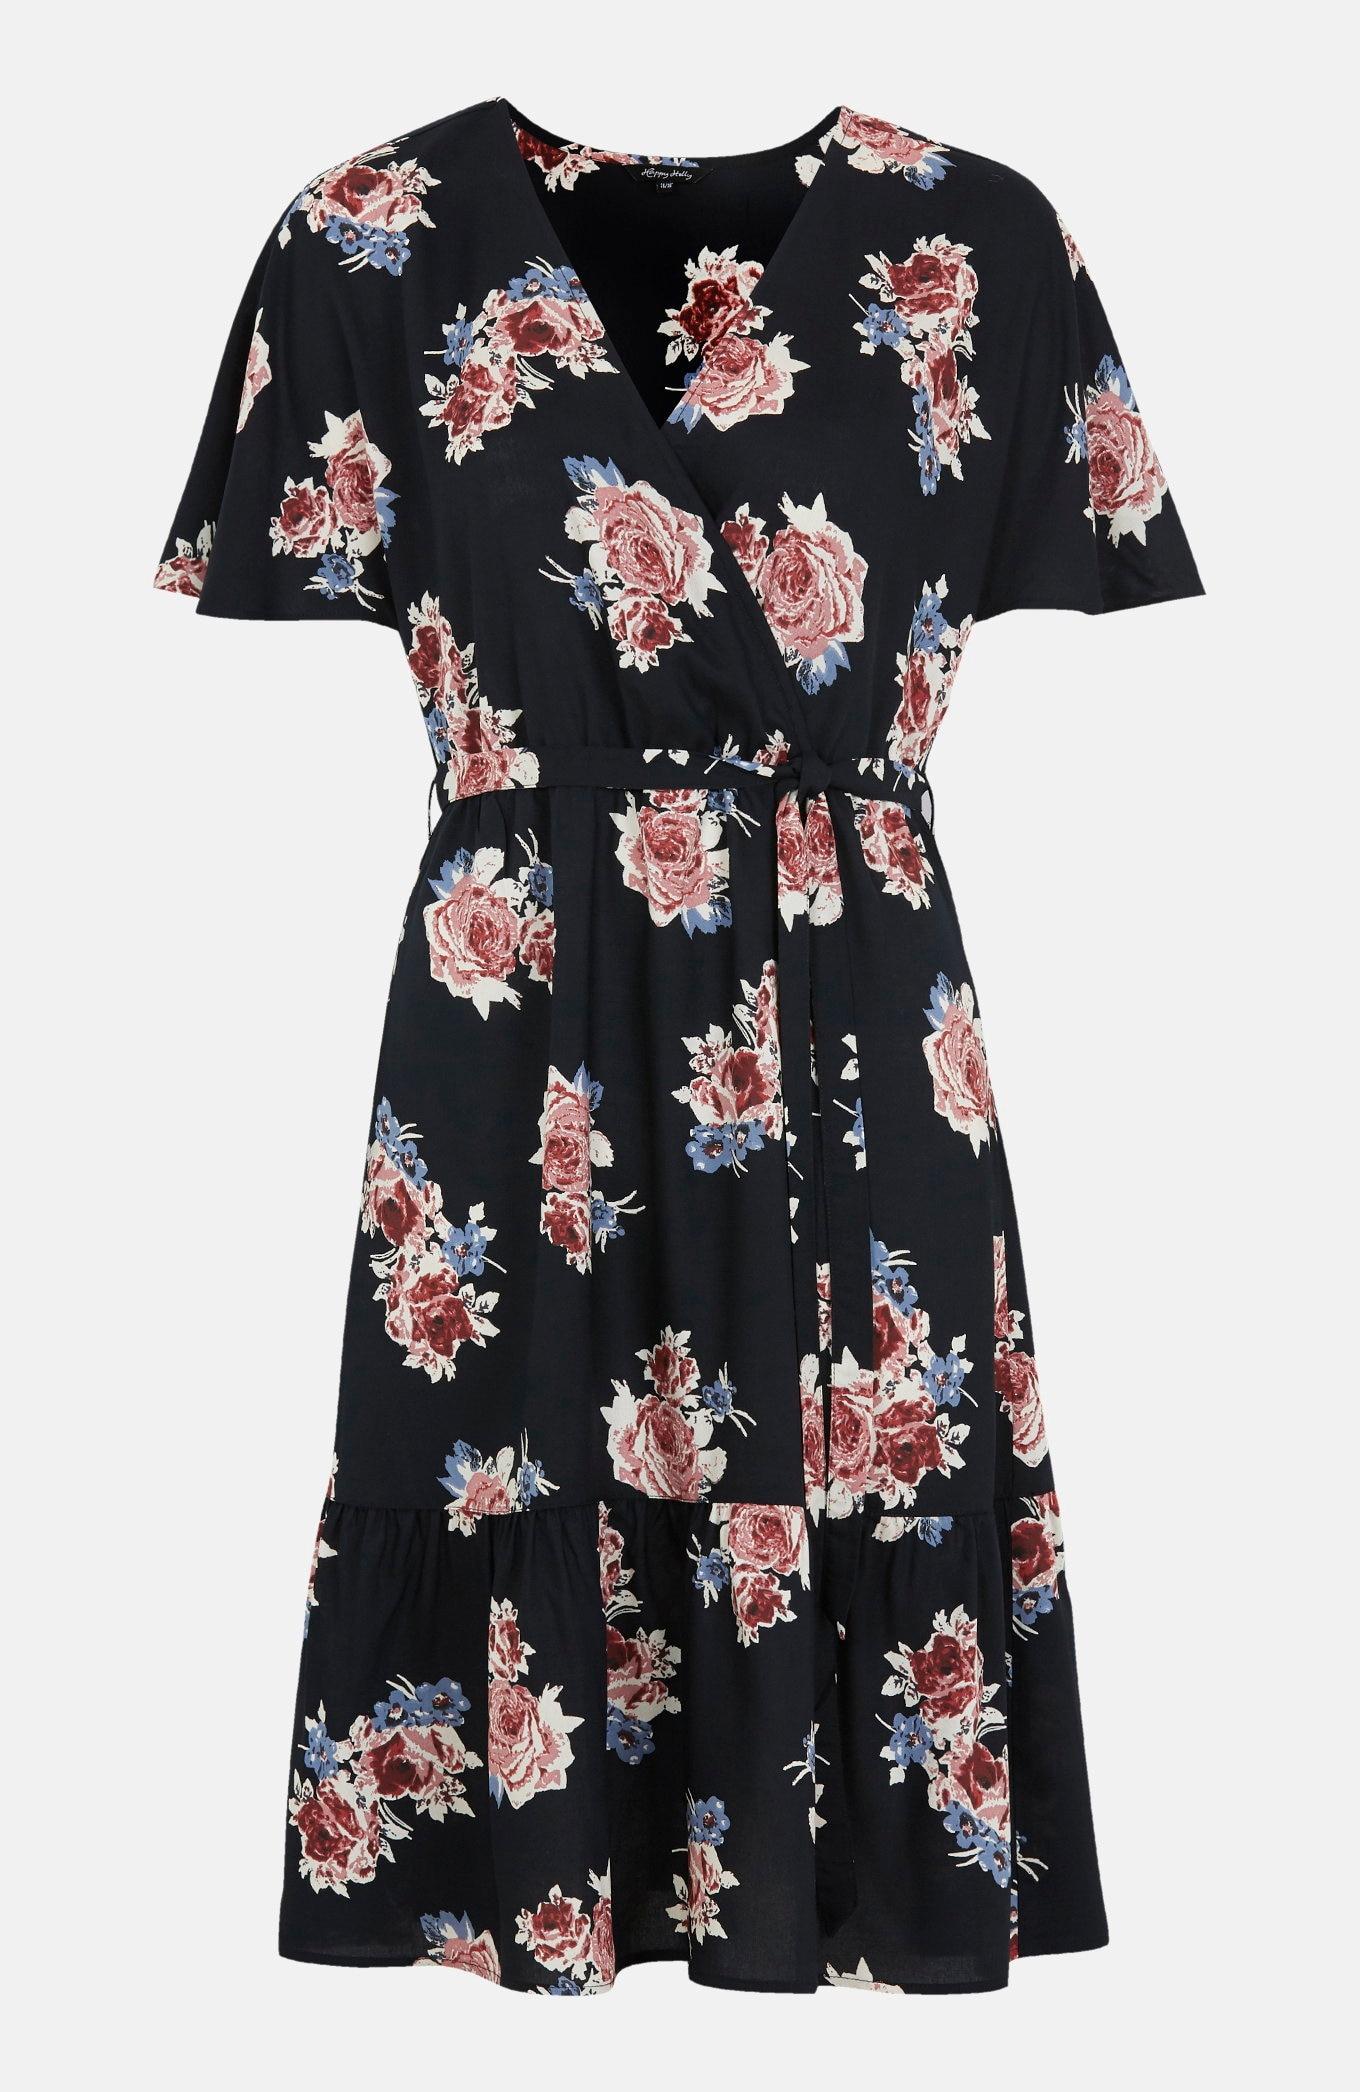 Sukienka zwiskozy wkwiaty Olivia